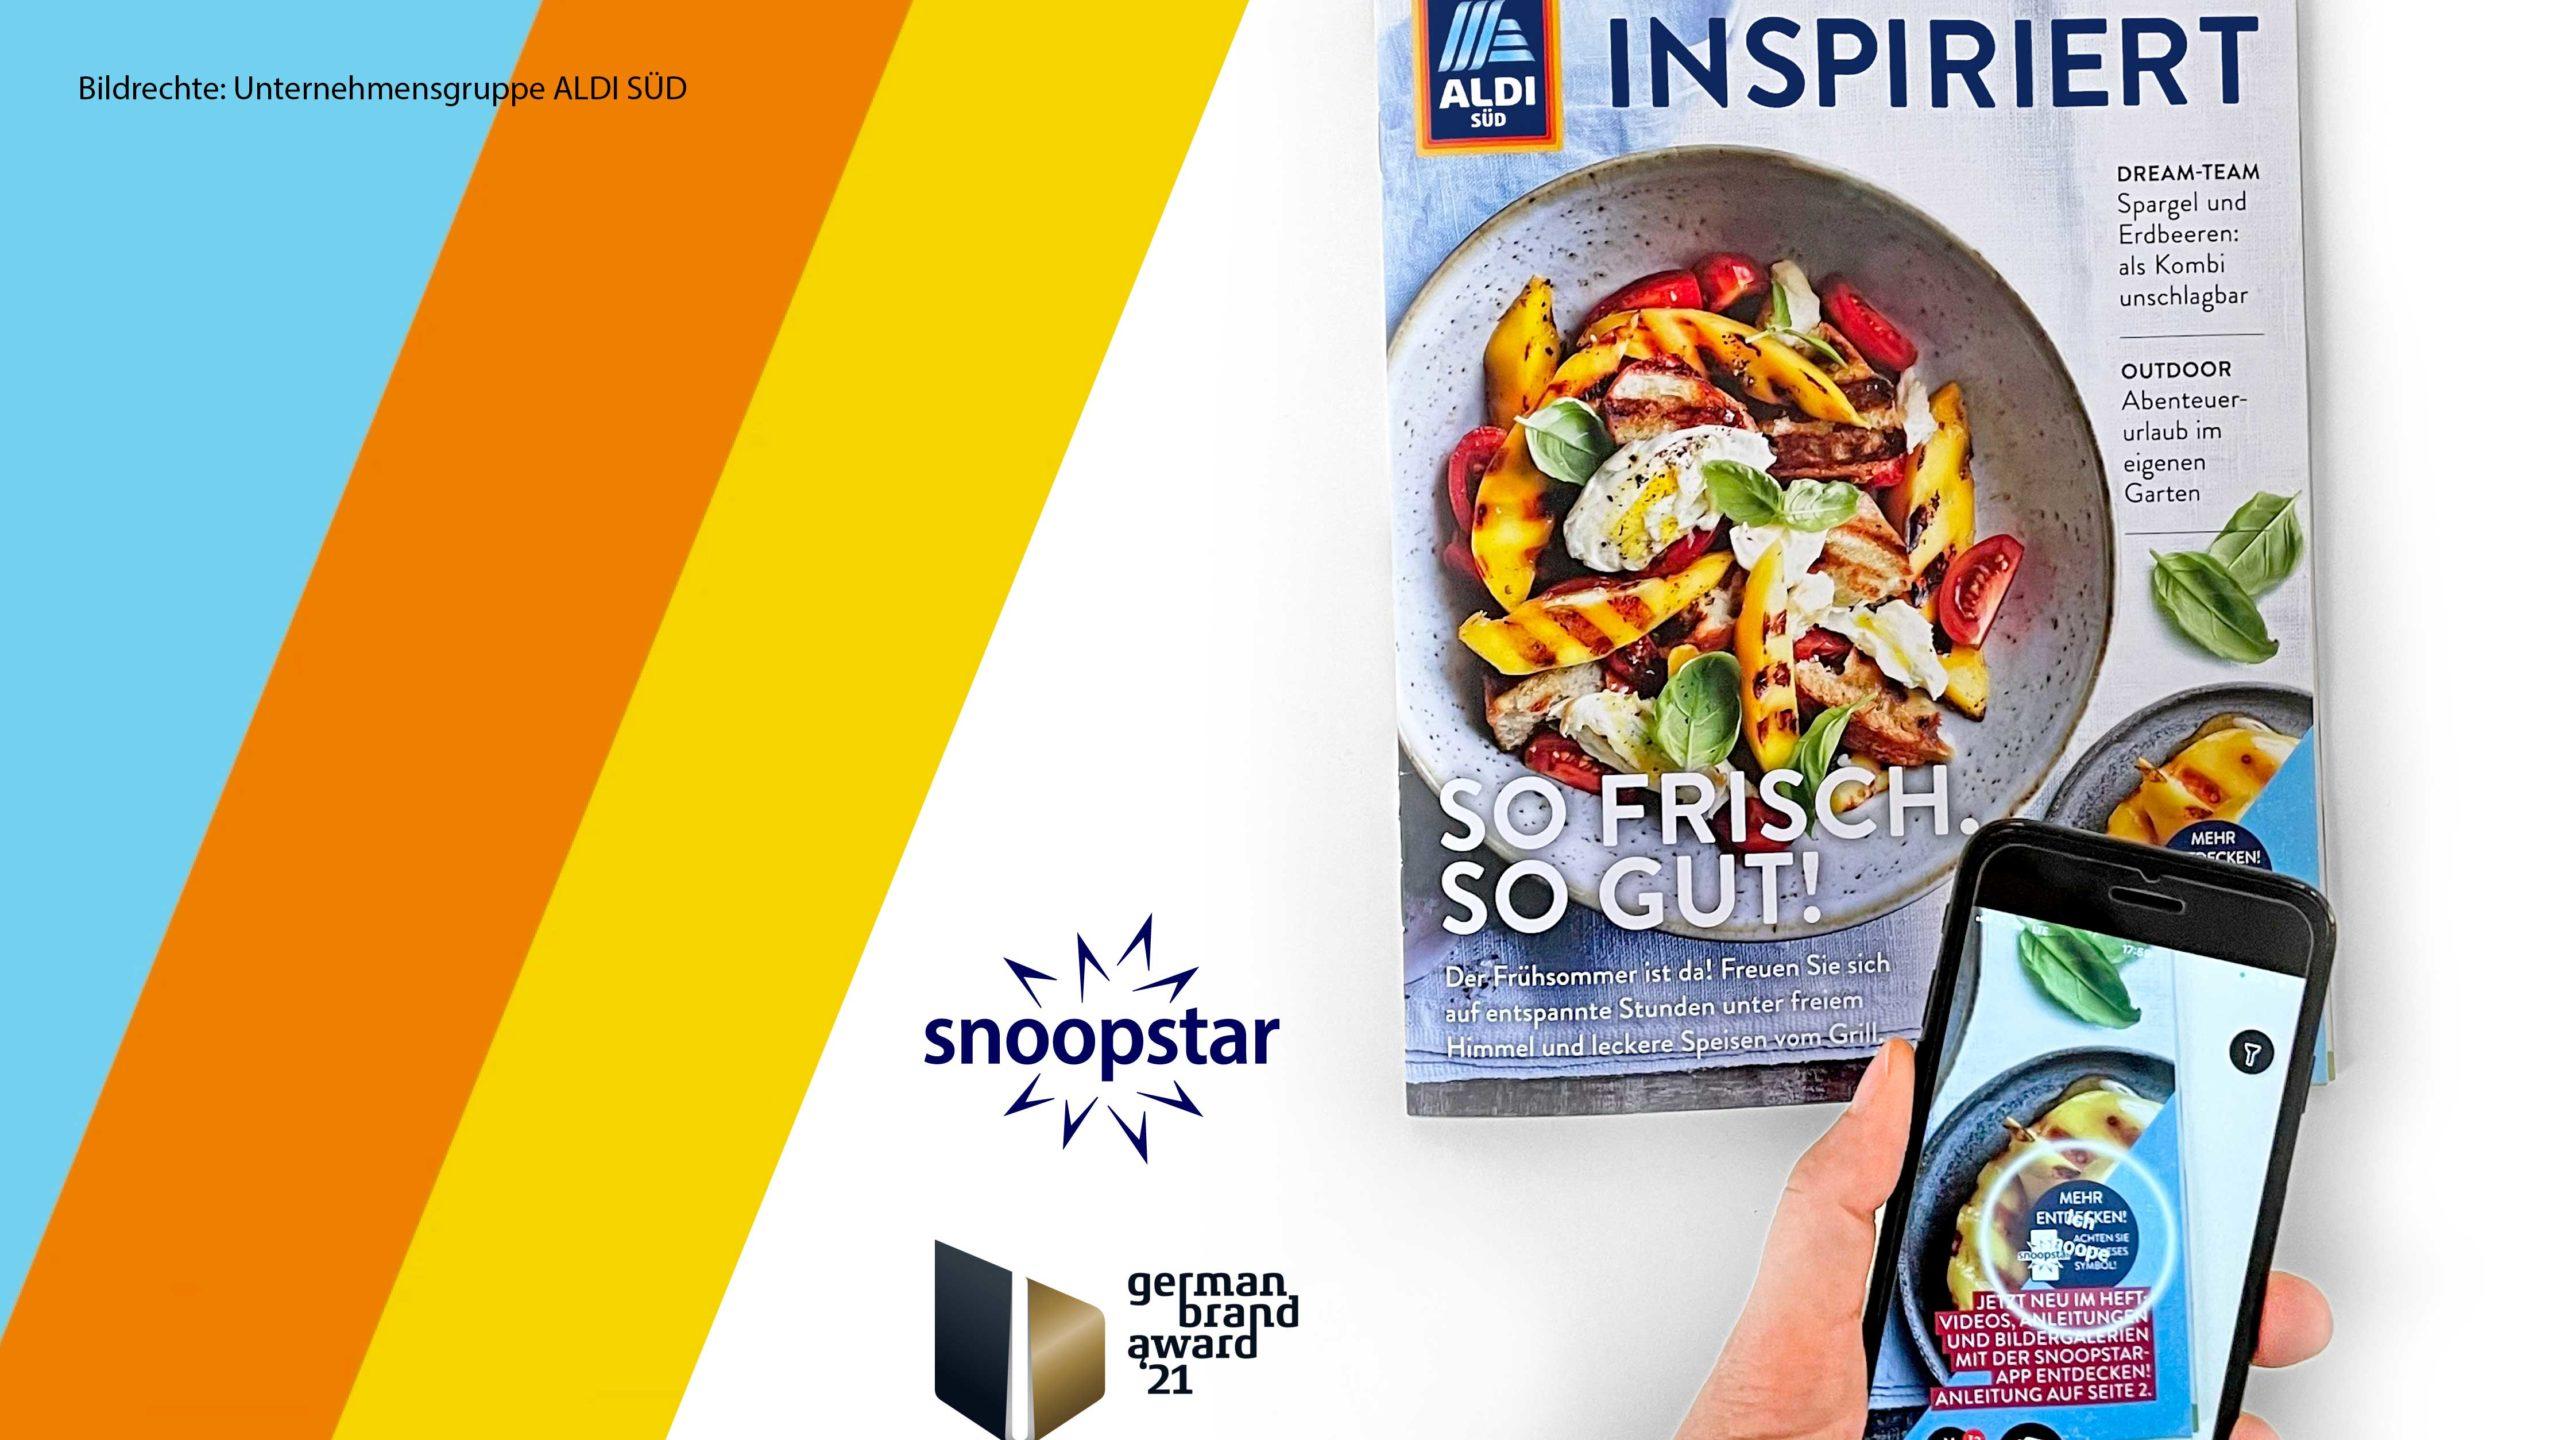 ALDI SÜD gewinnt mit snoopstar Gold beim German Brand Award